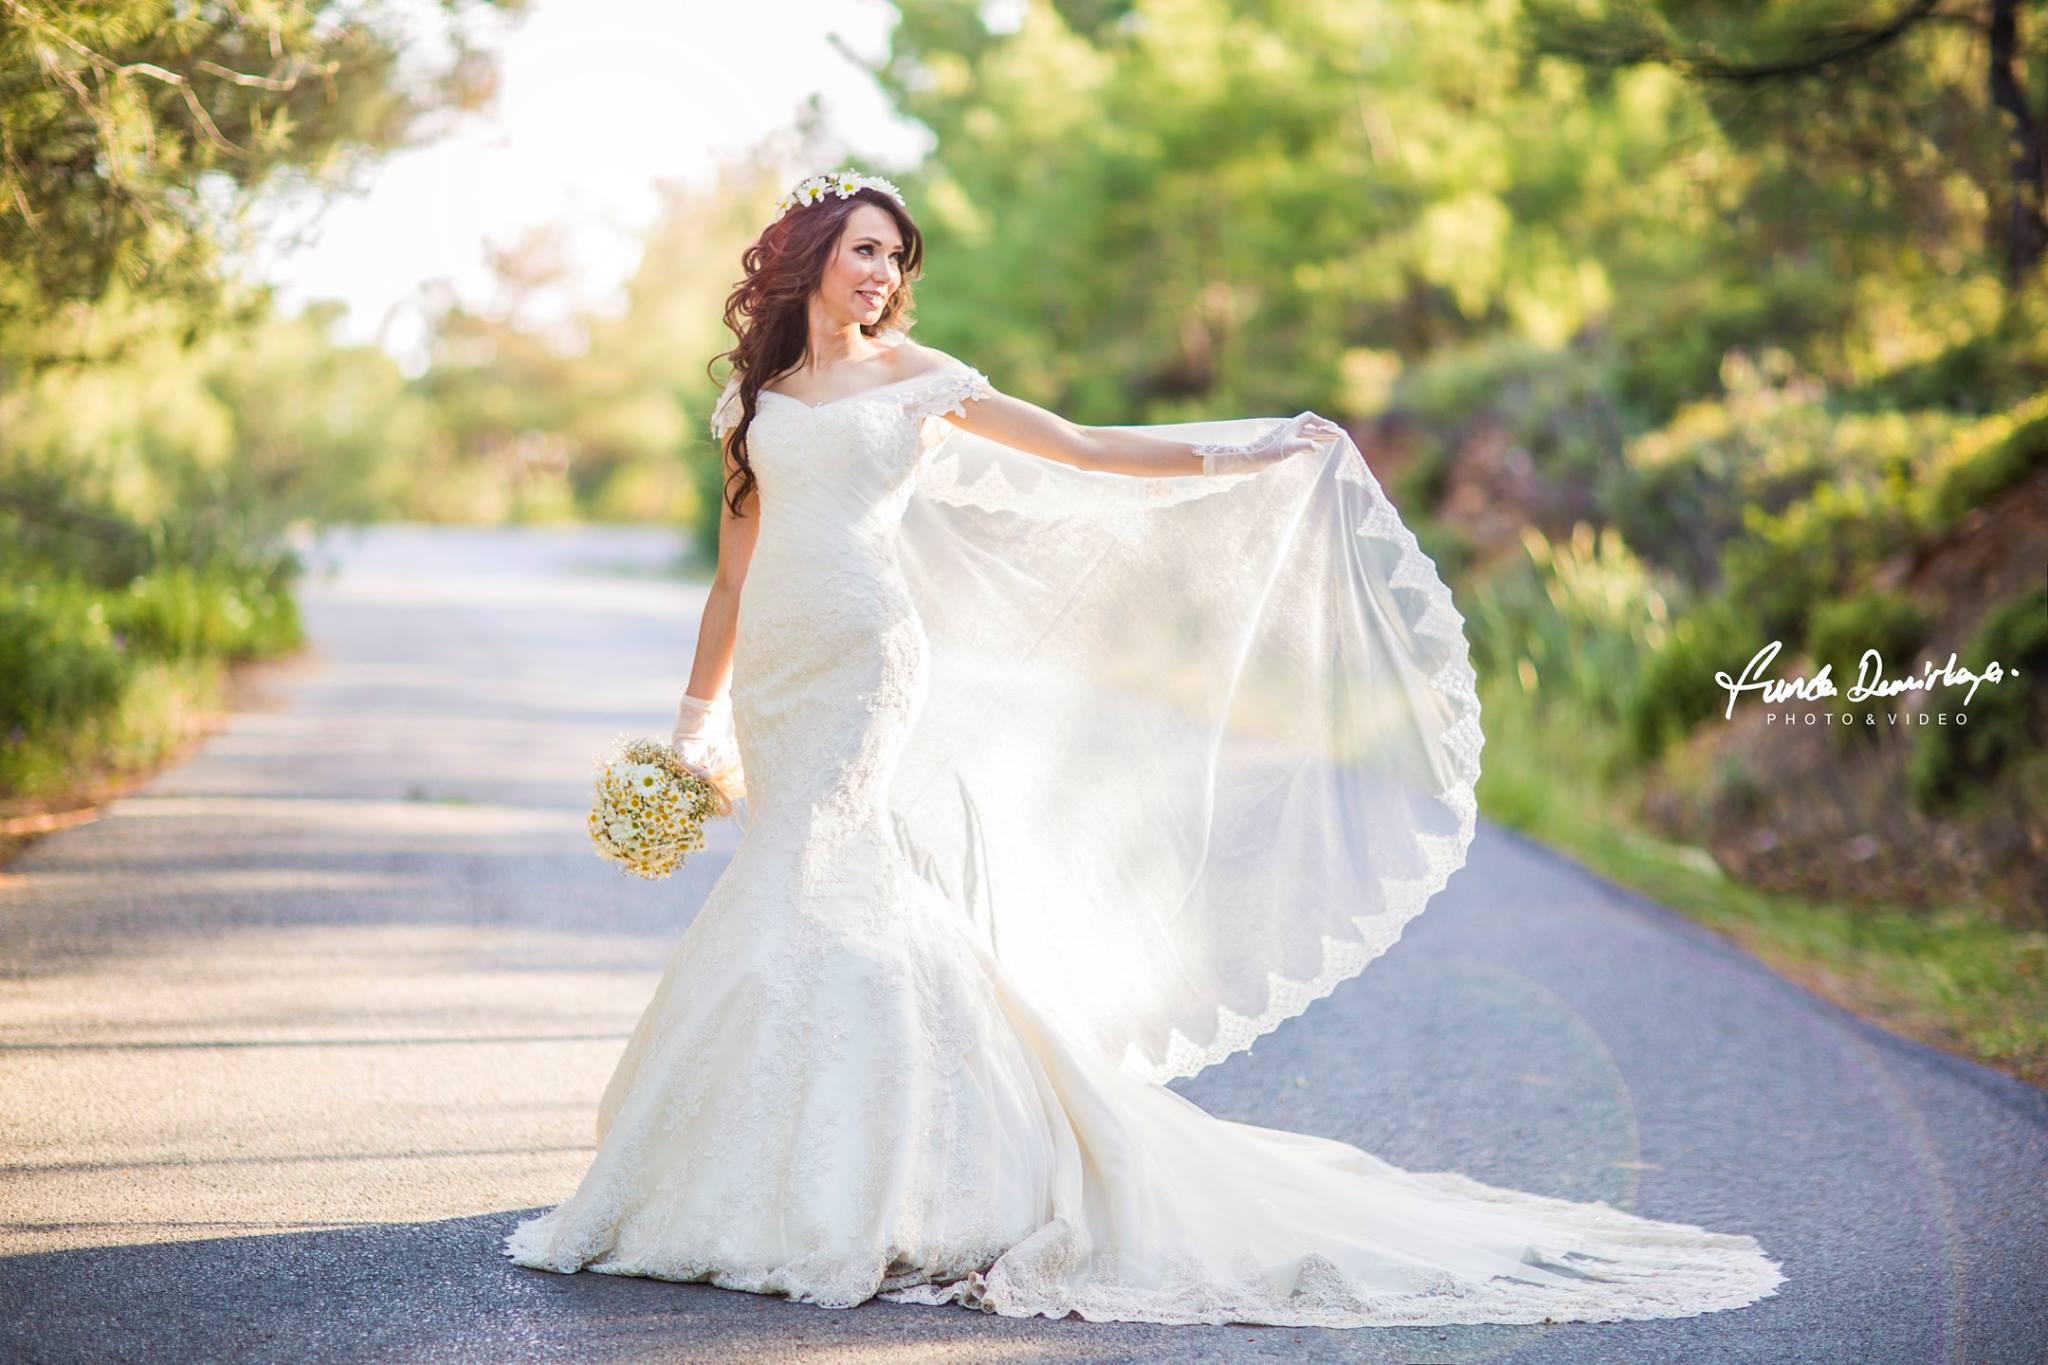 Balıkesir Edremit Ayvalık Cunda Düğün Fotoğrafçısı Funda Demirkaya (2)